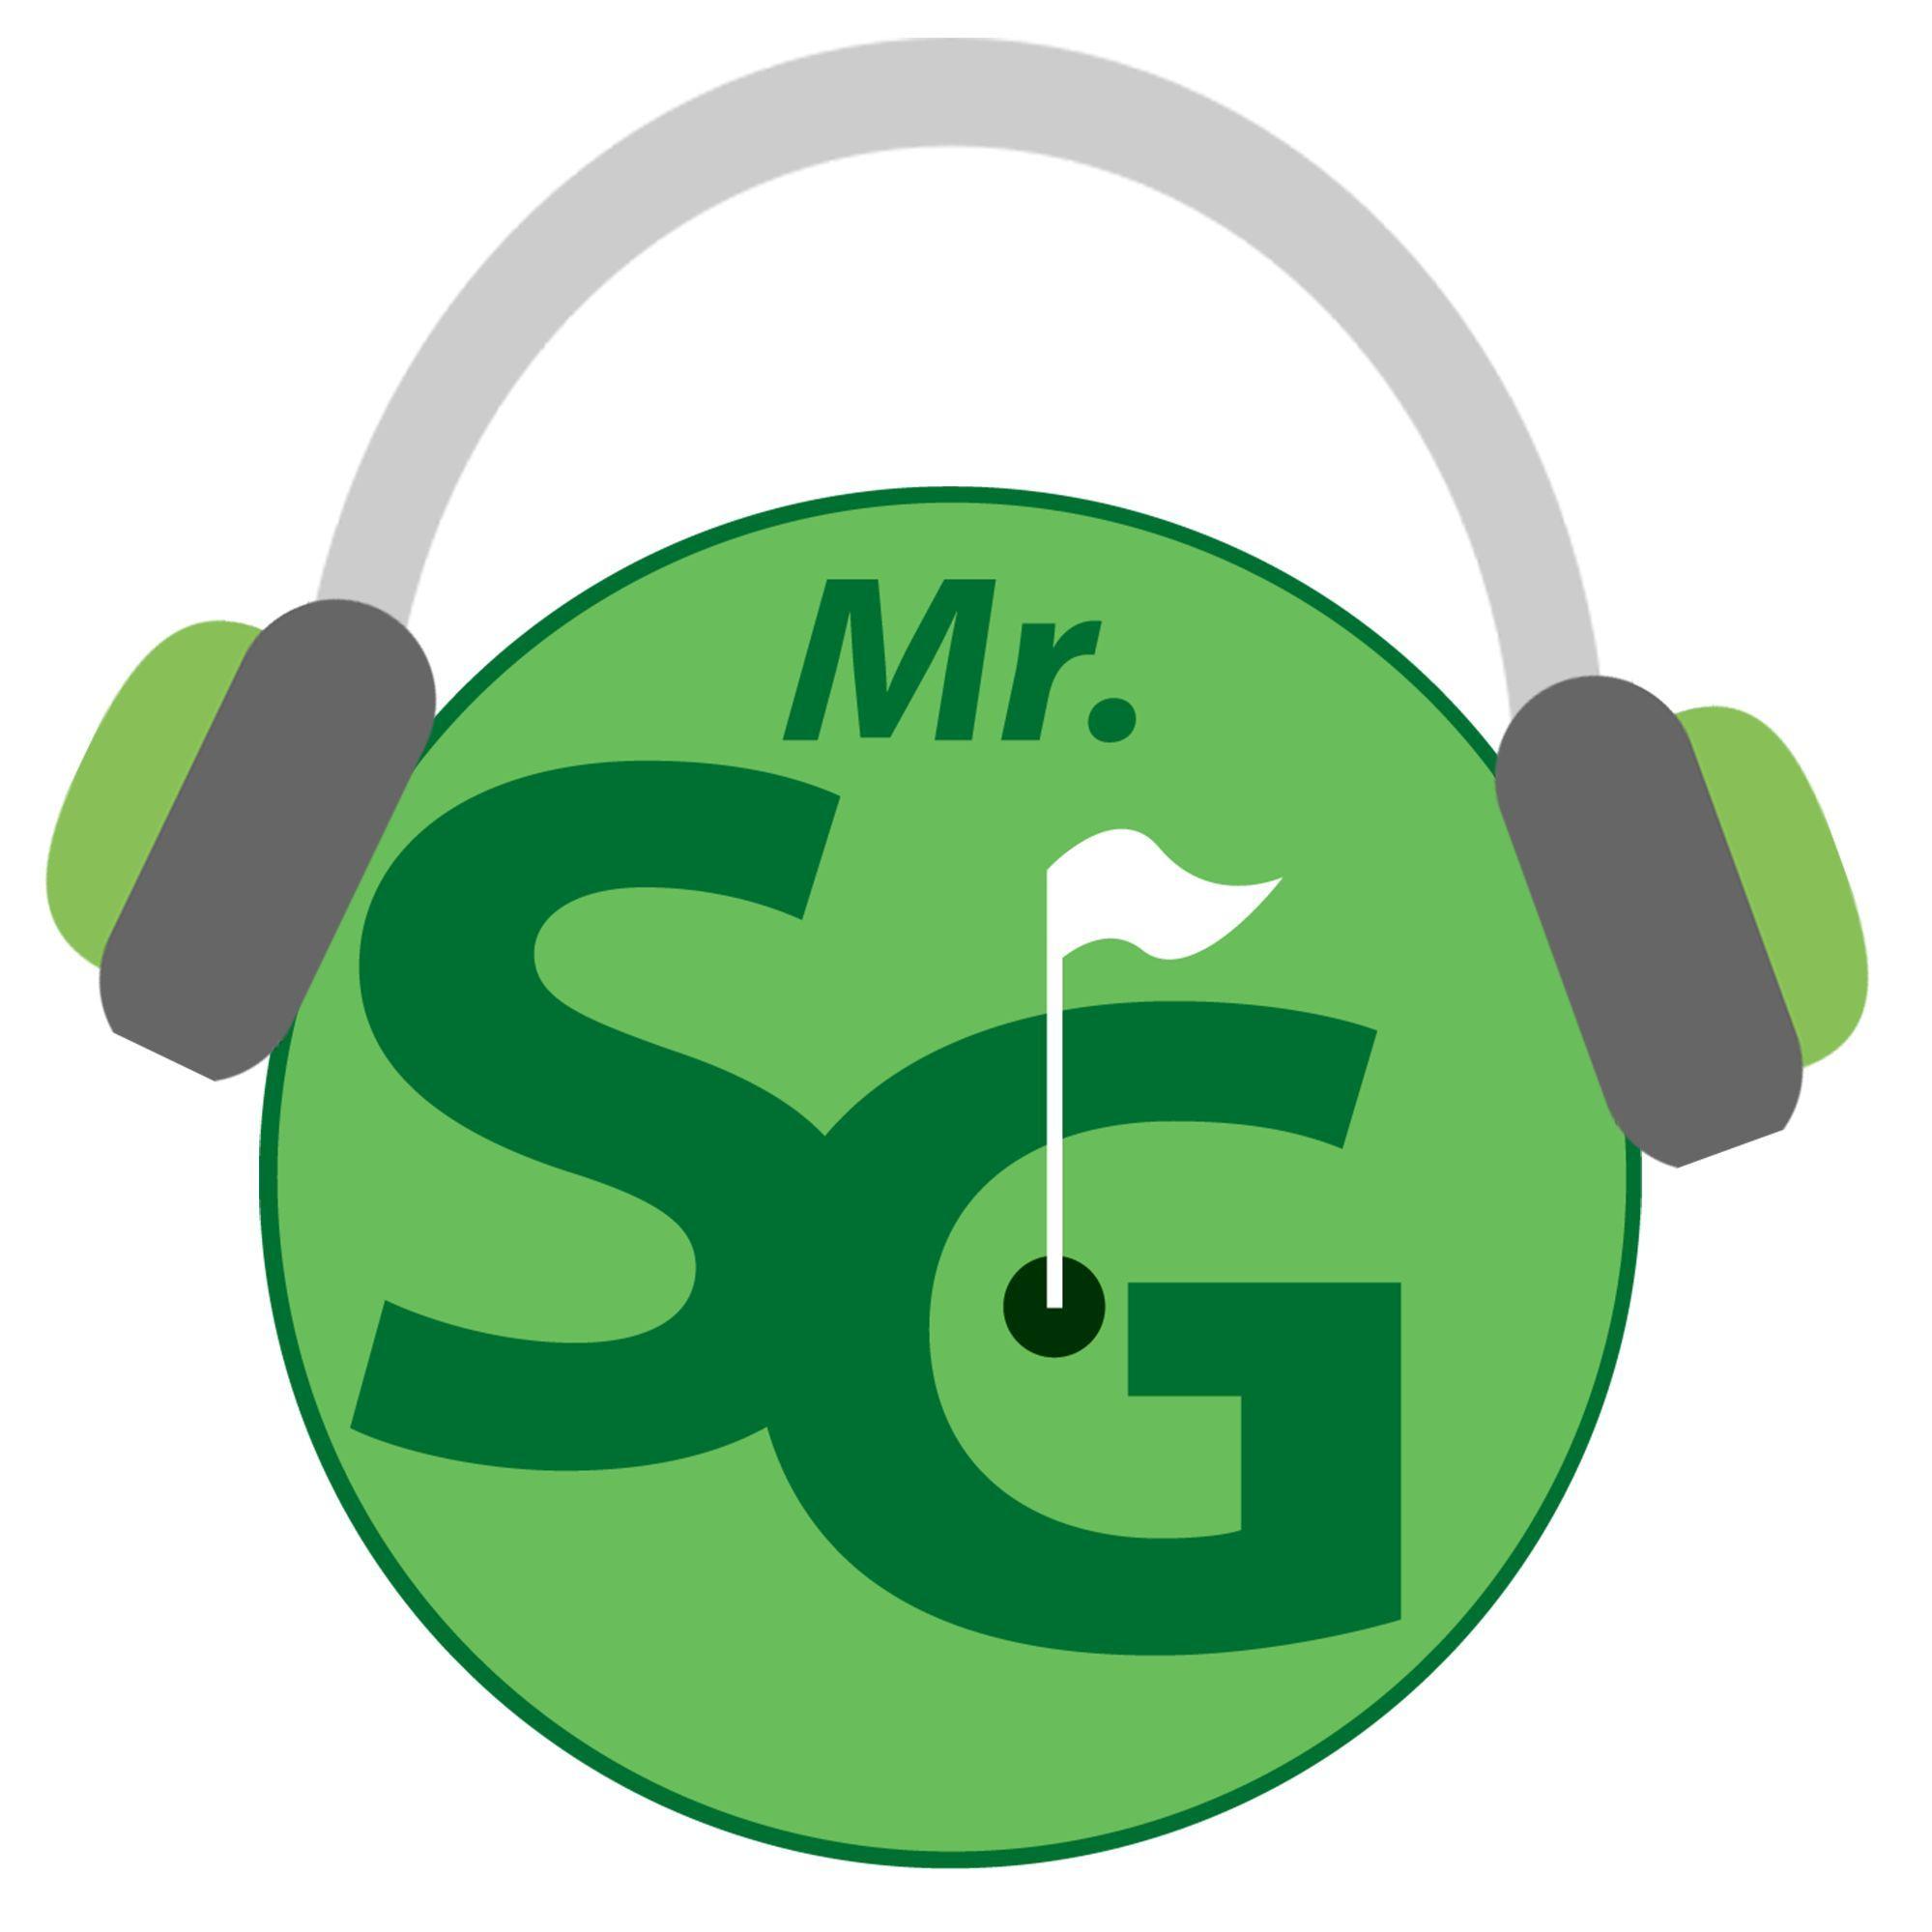 Mr. Short Game Ep 11 - Golf Premier League USGA R&A Distance Study